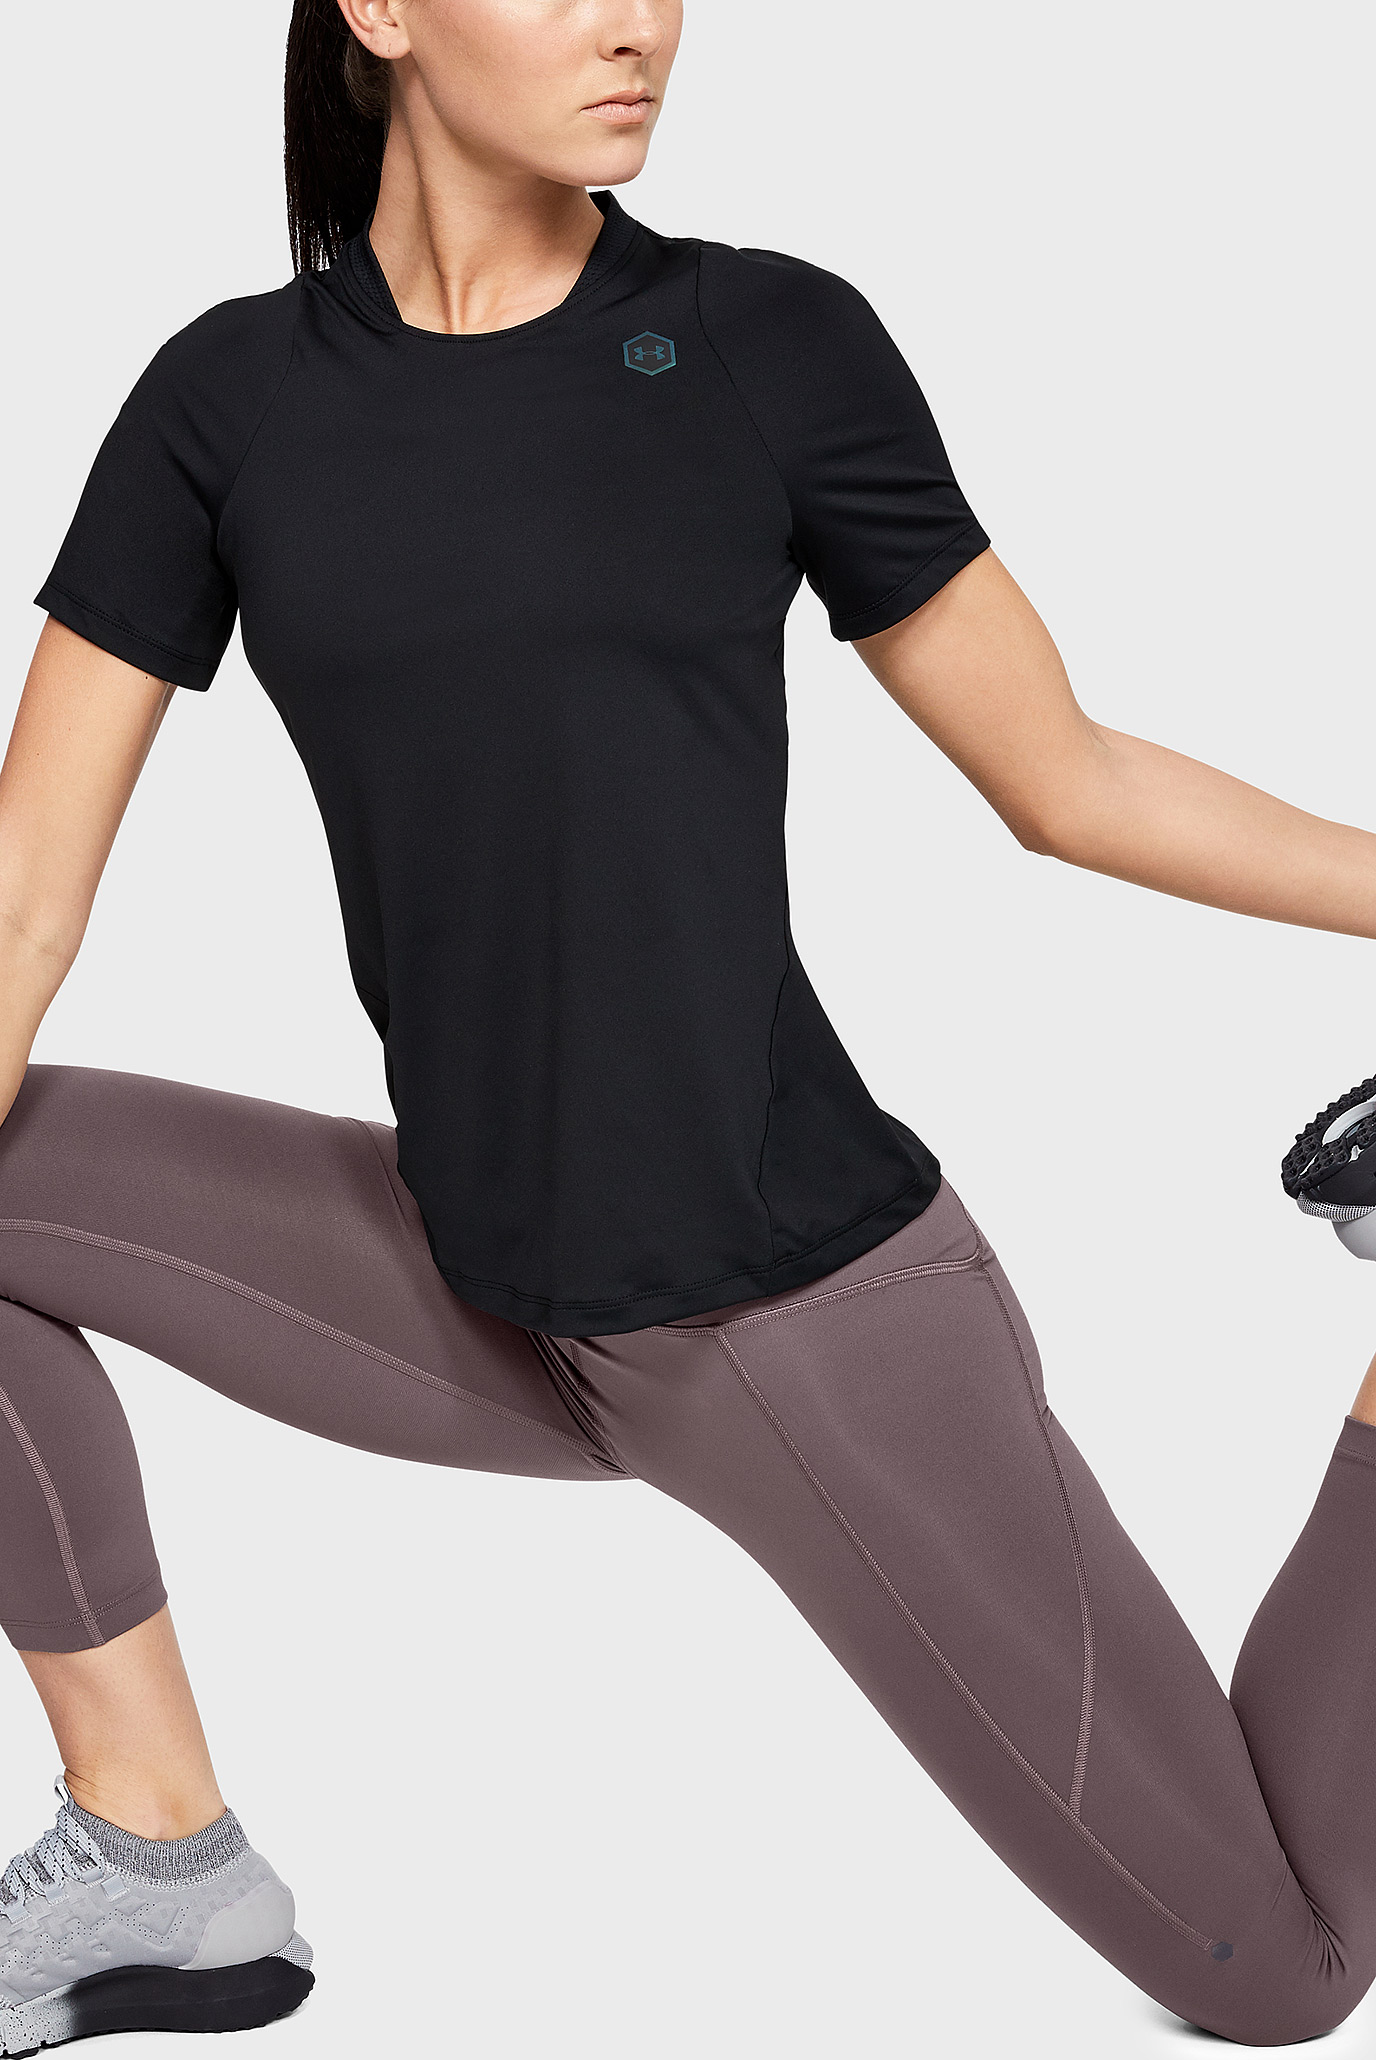 Купить Женская черная футболка UA Rush Under Armour Under Armour 1332468-001 – Киев, Украина. Цены в интернет магазине MD Fashion